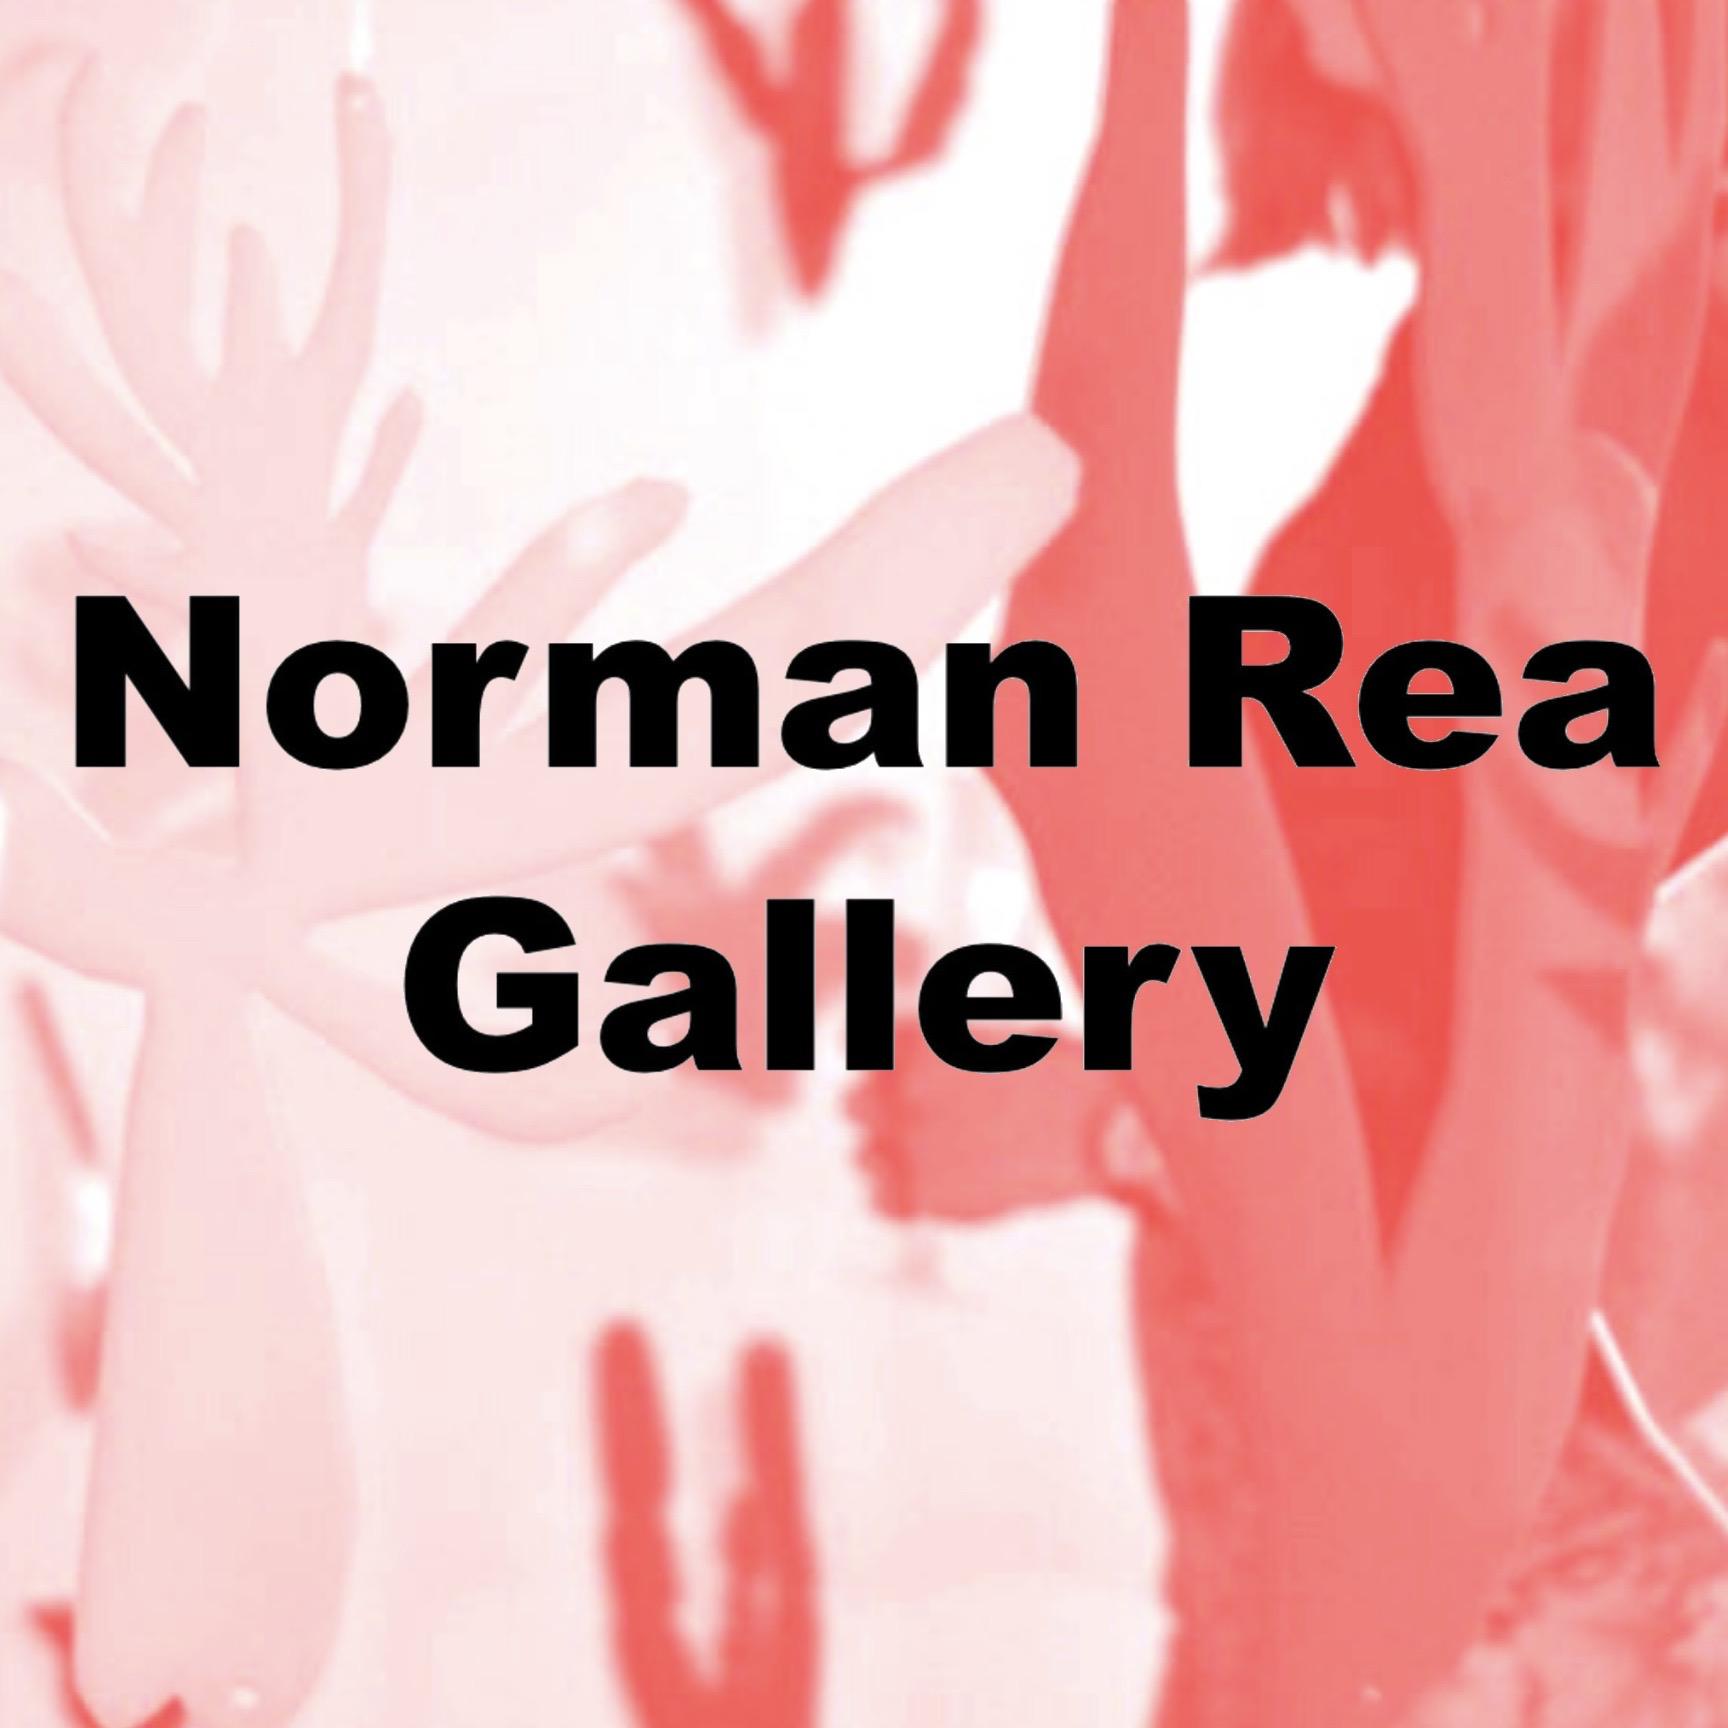 Norman Rea Gallery